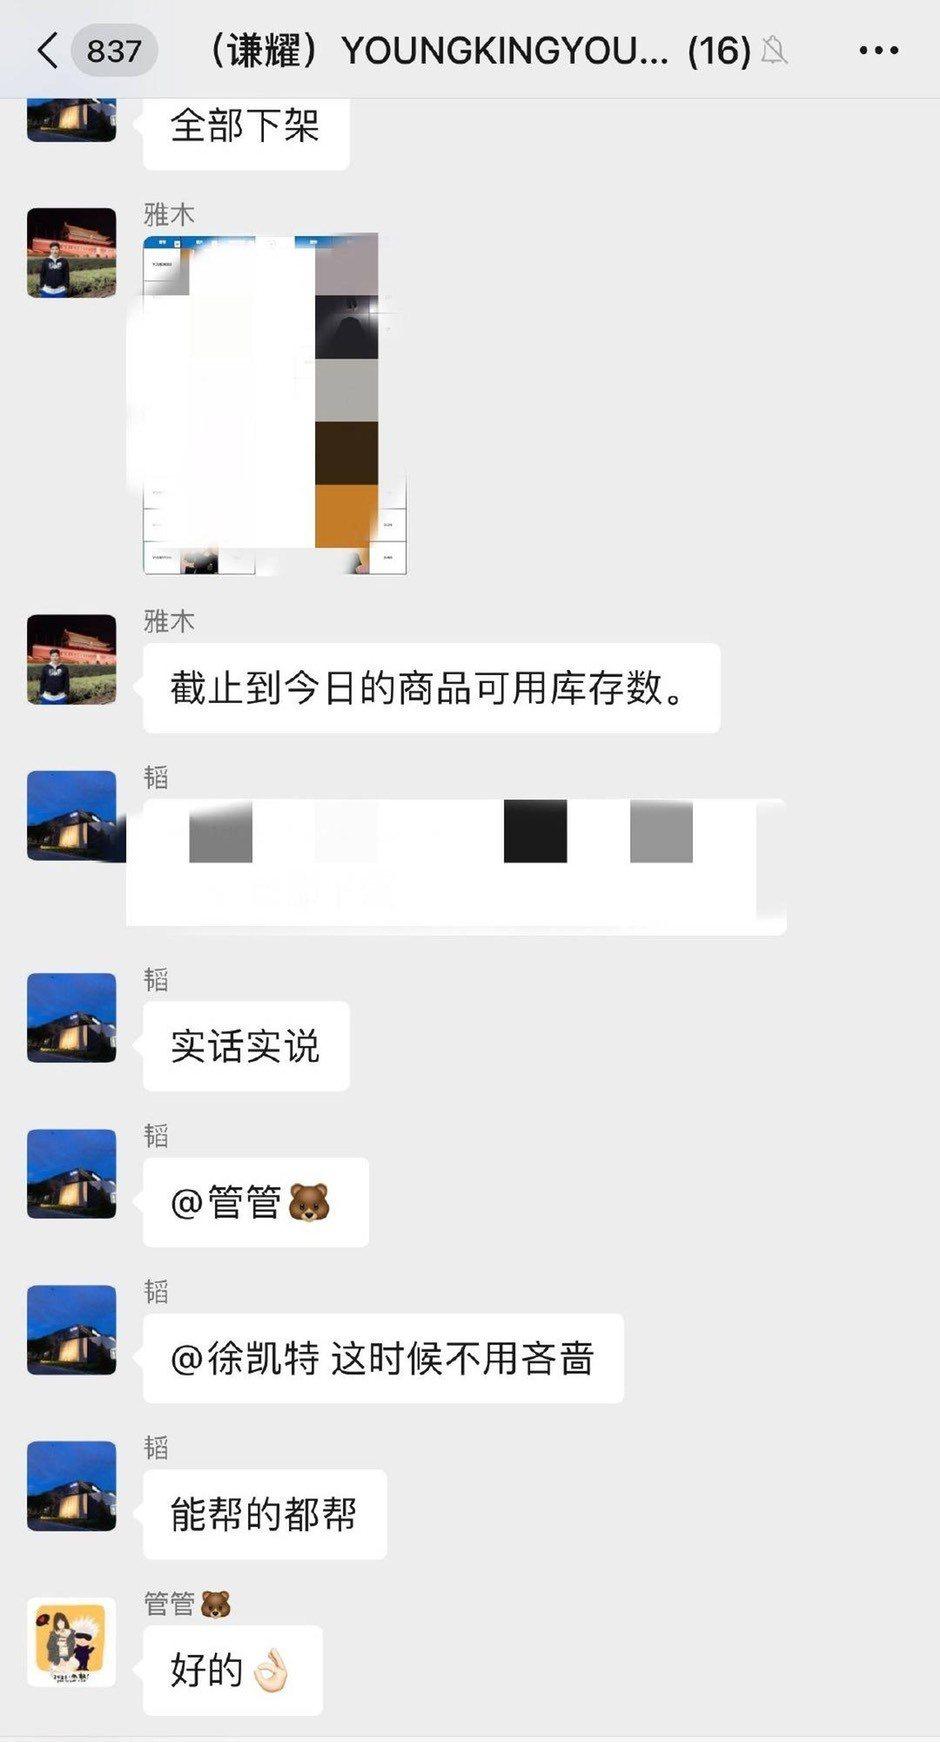 黃子韜把自己的服飾全下架,拿去支援災民。圖/摘自微博